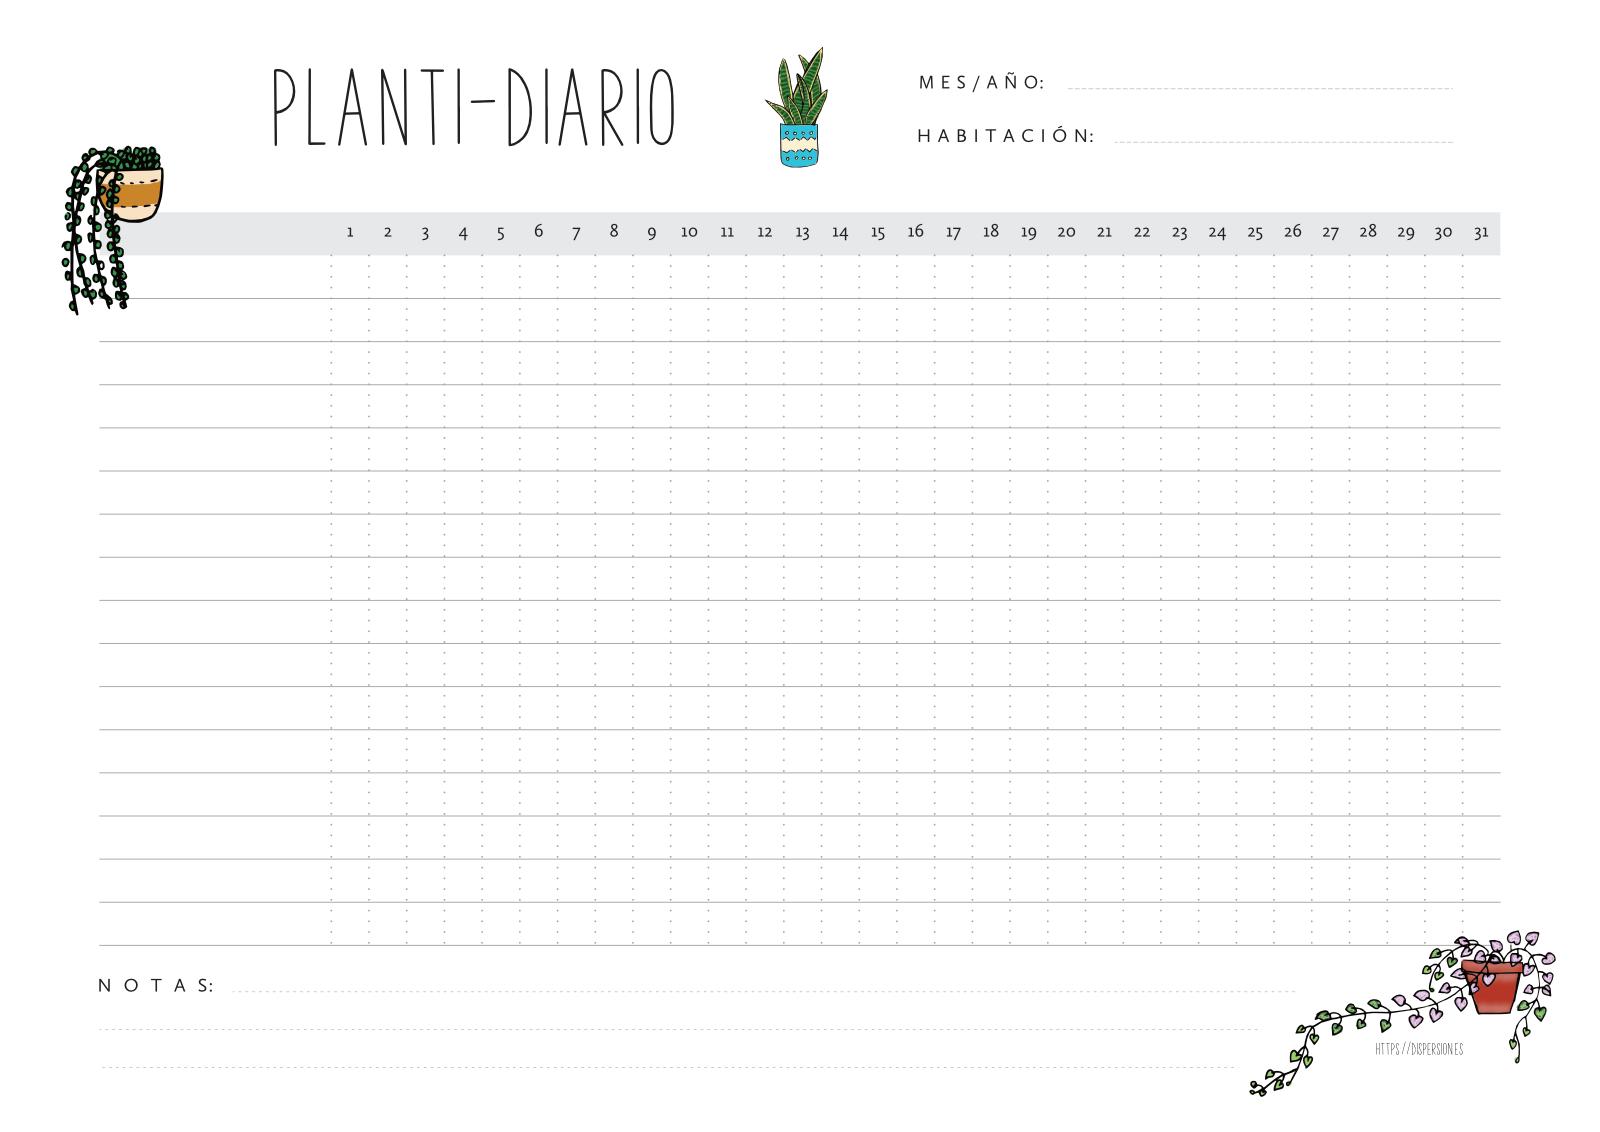 Planti-diario: planificador o tracker imprimible para el cuidado de las plantas